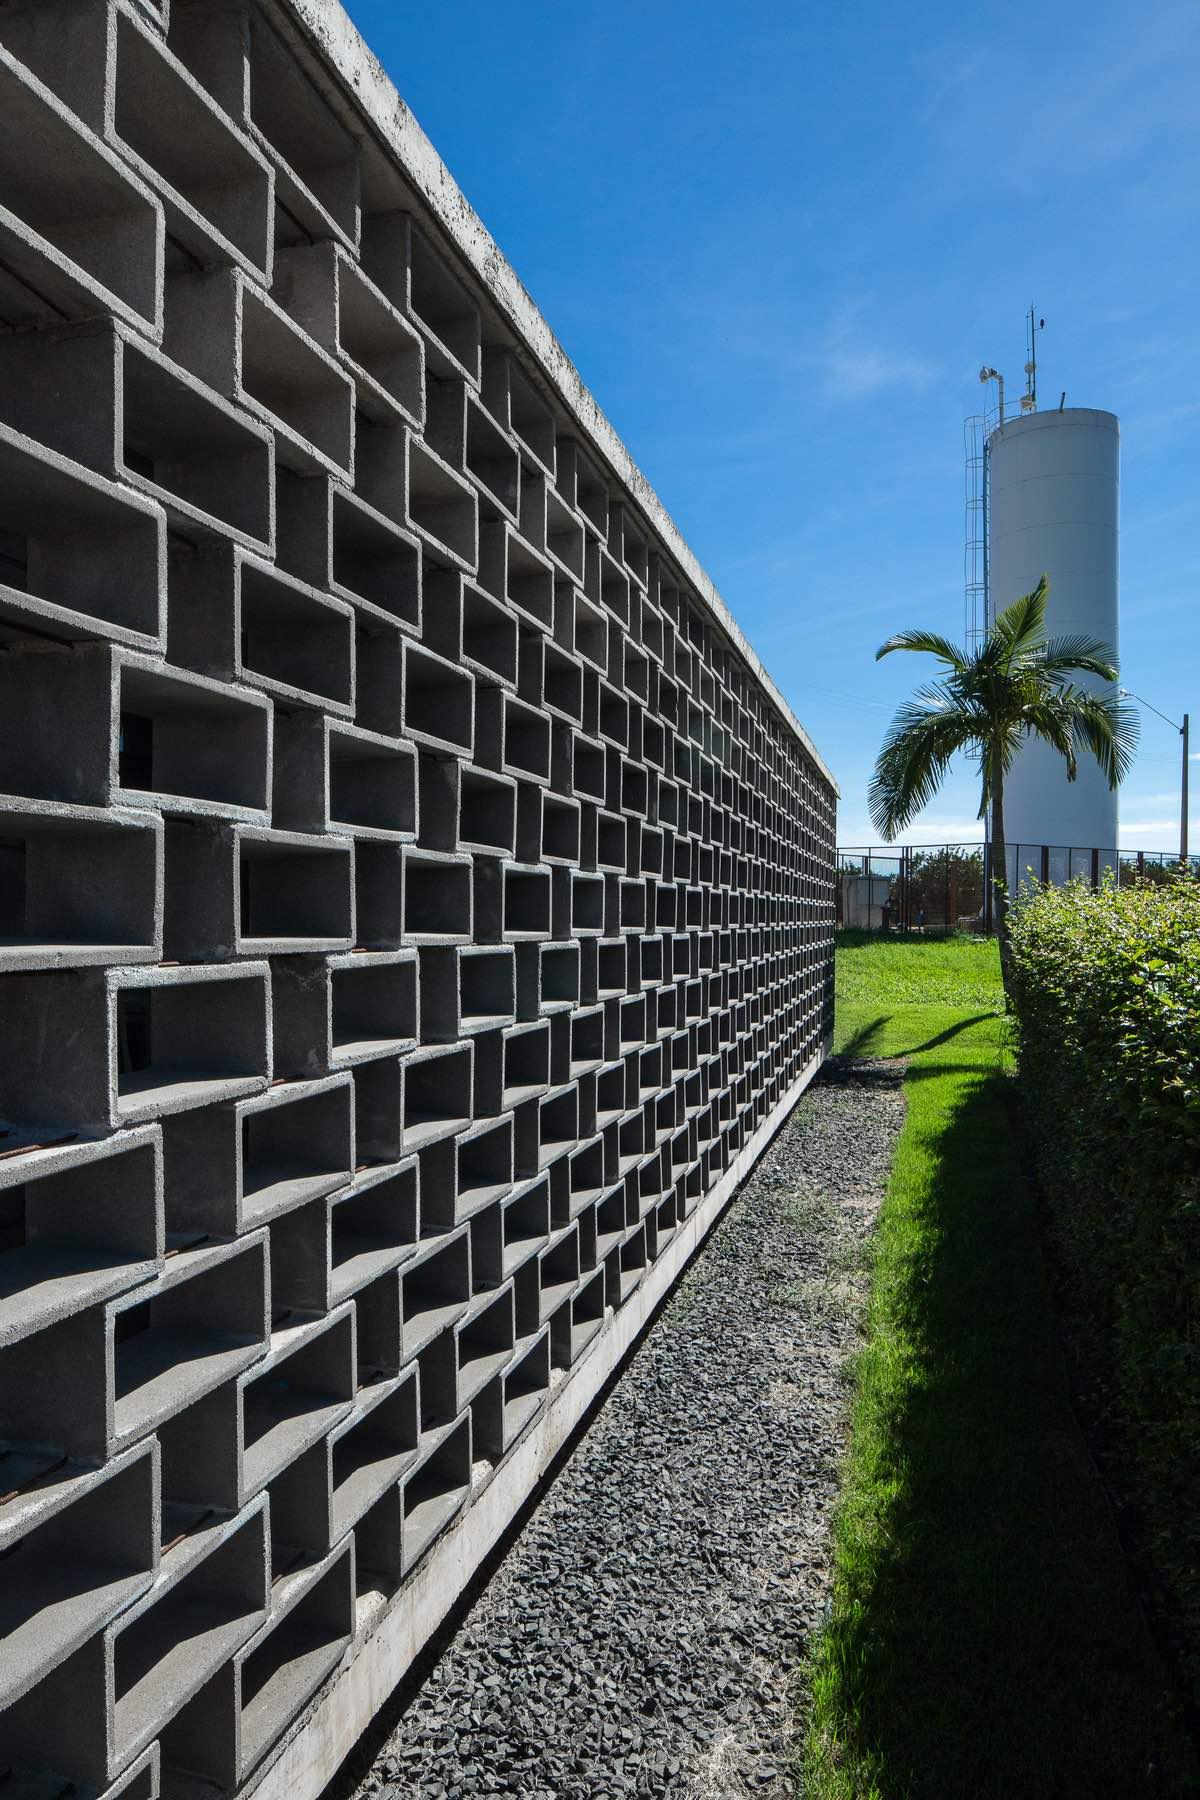 a facade with concrete blocks